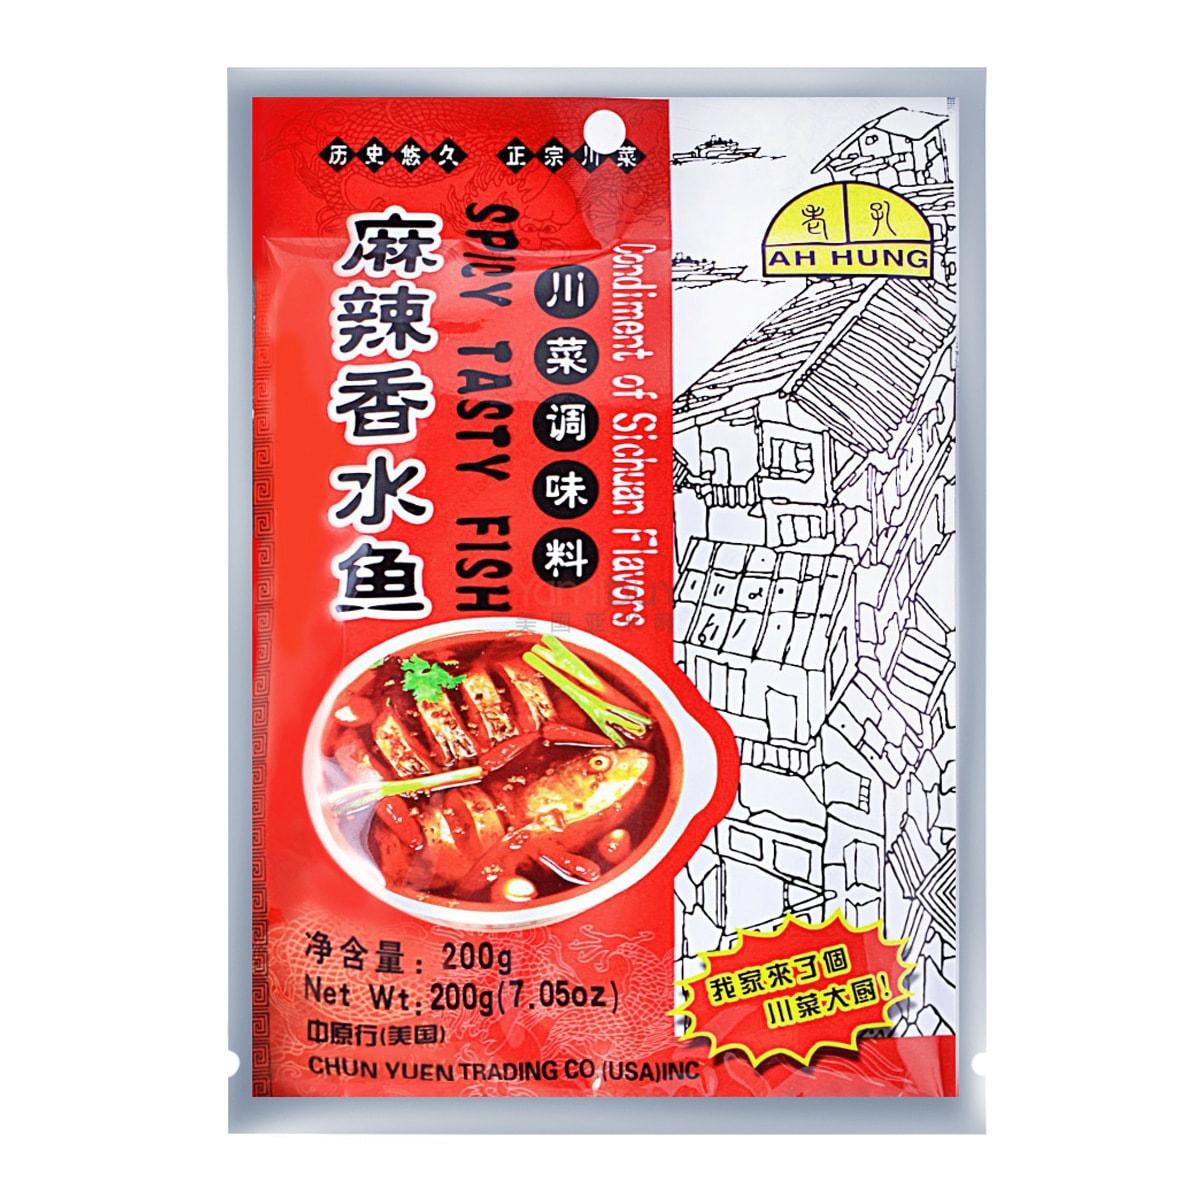 重庆老孔 川菜调味料 麻辣香水鱼 200g